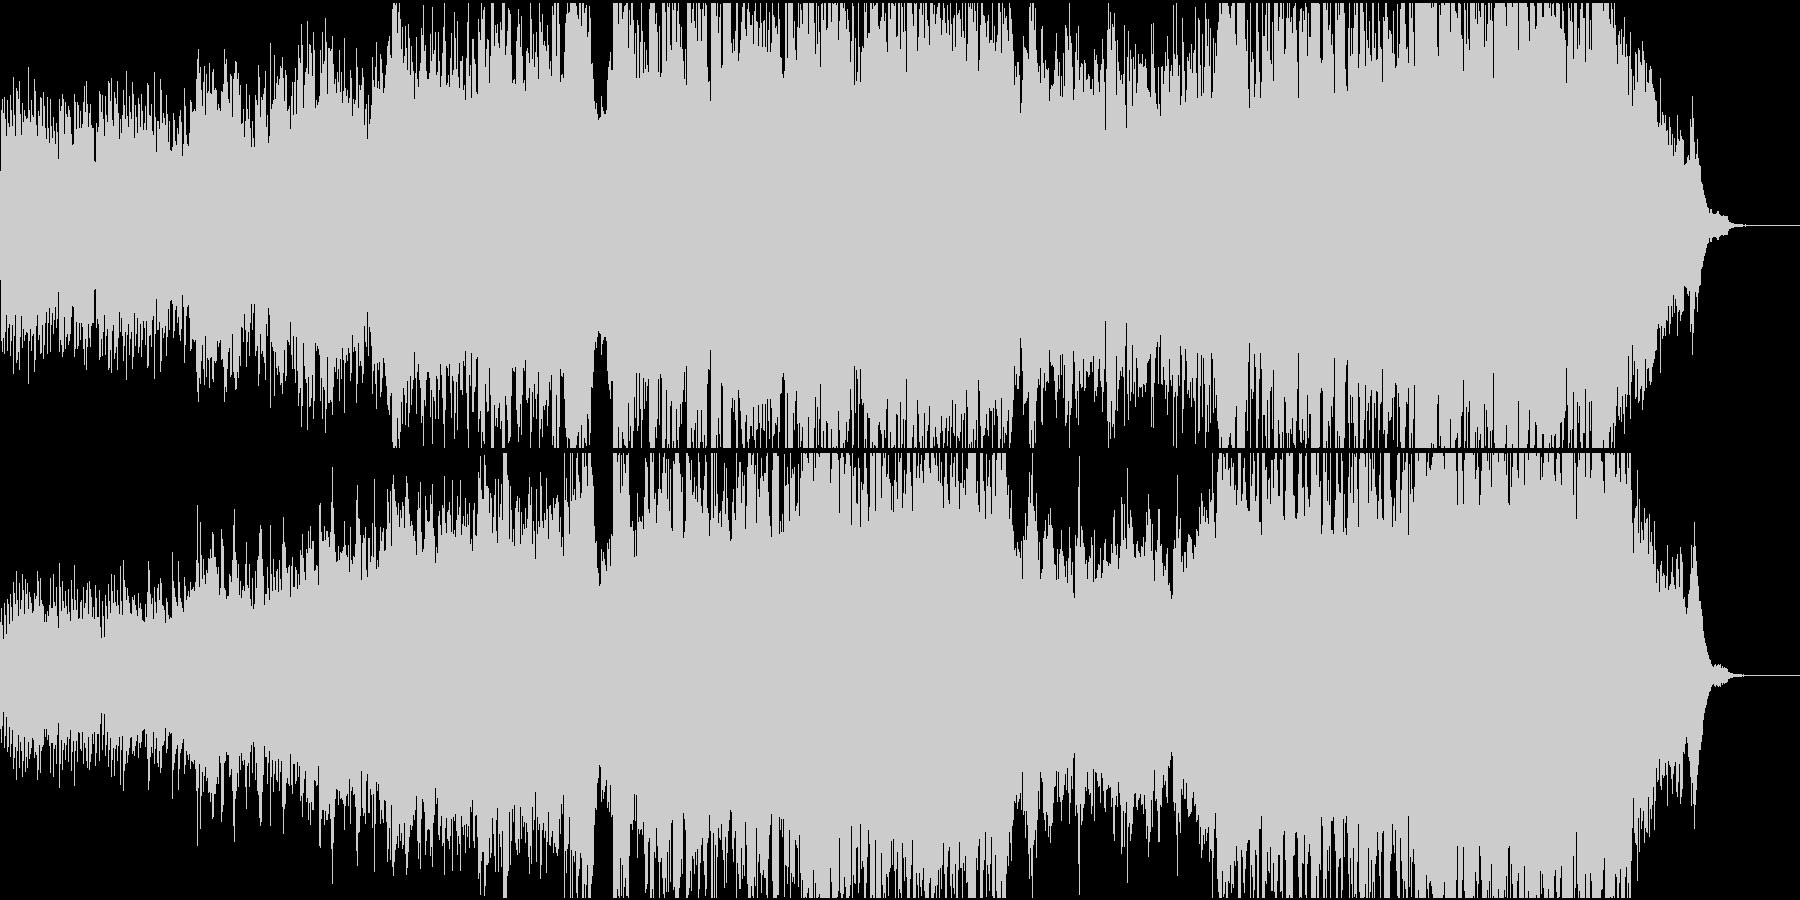 ハリウッド風ピアノ+オケ3TpとTb抜きの未再生の波形